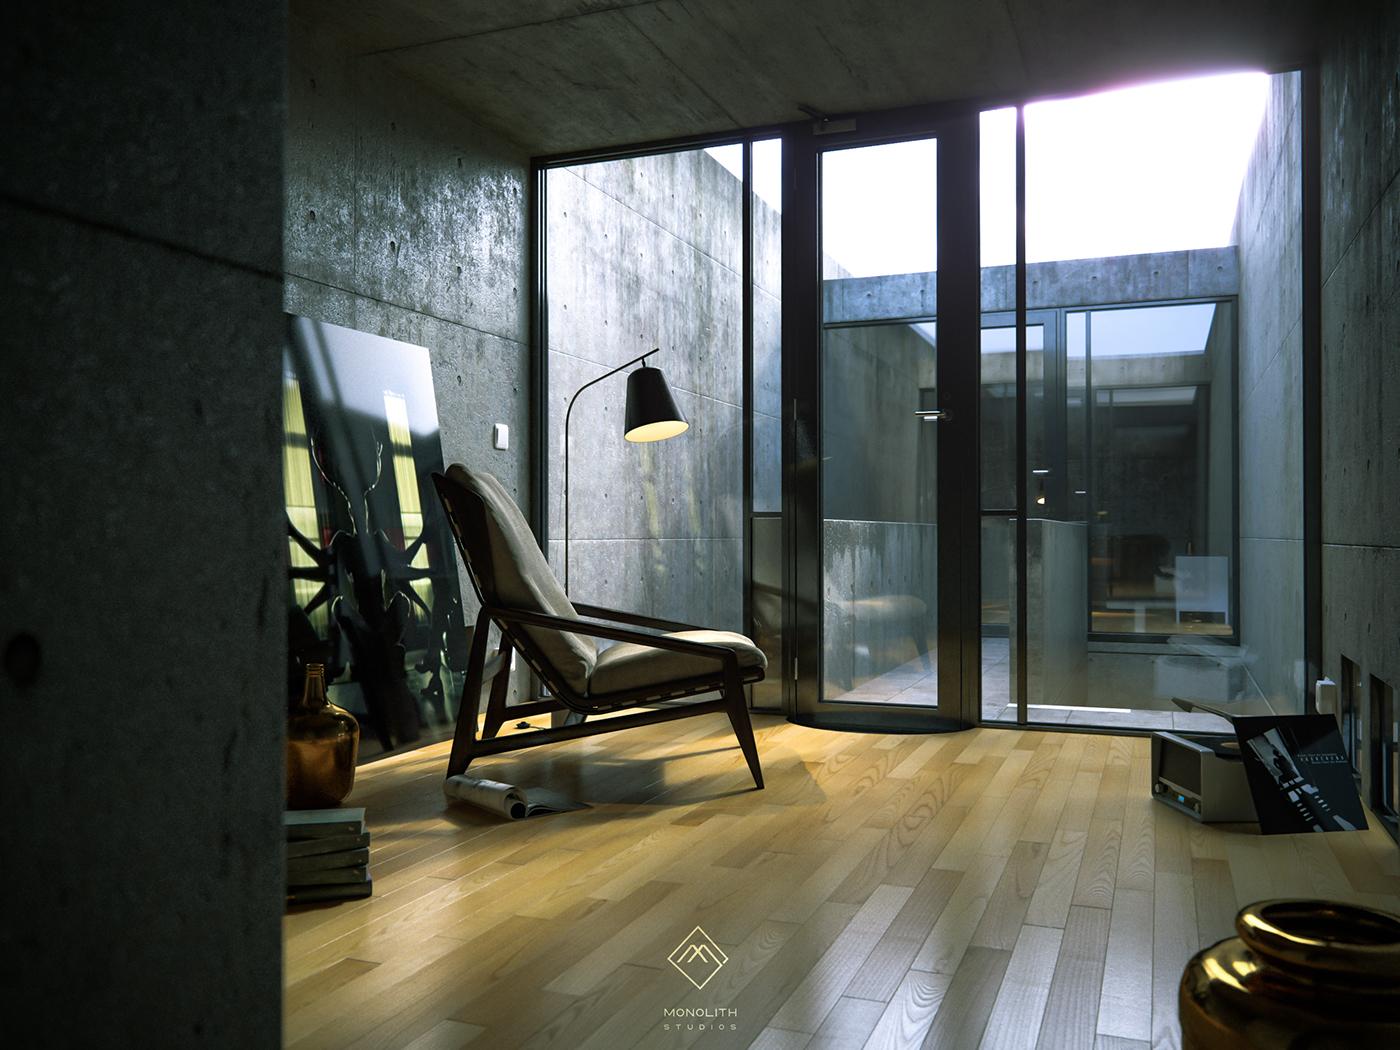 Tadao ando azuma house cgi on behance for Row house dimensions